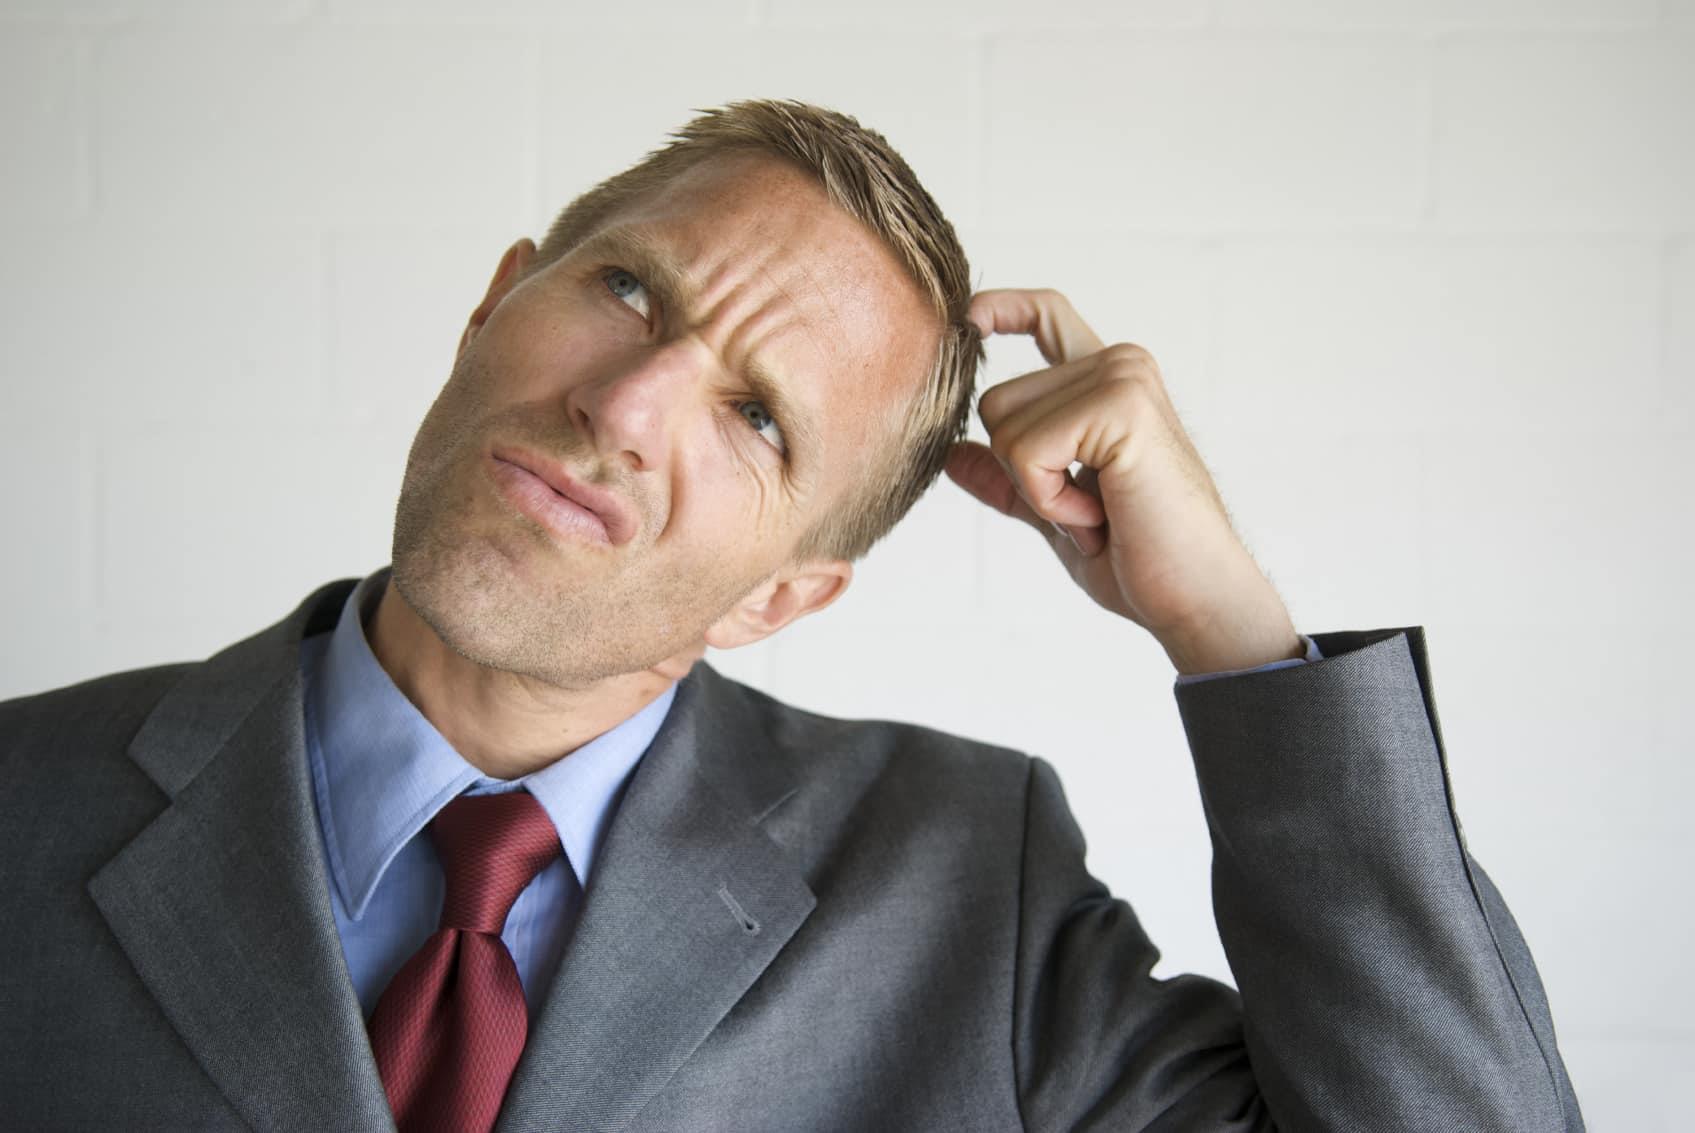 картинка думающего мужика что говорят